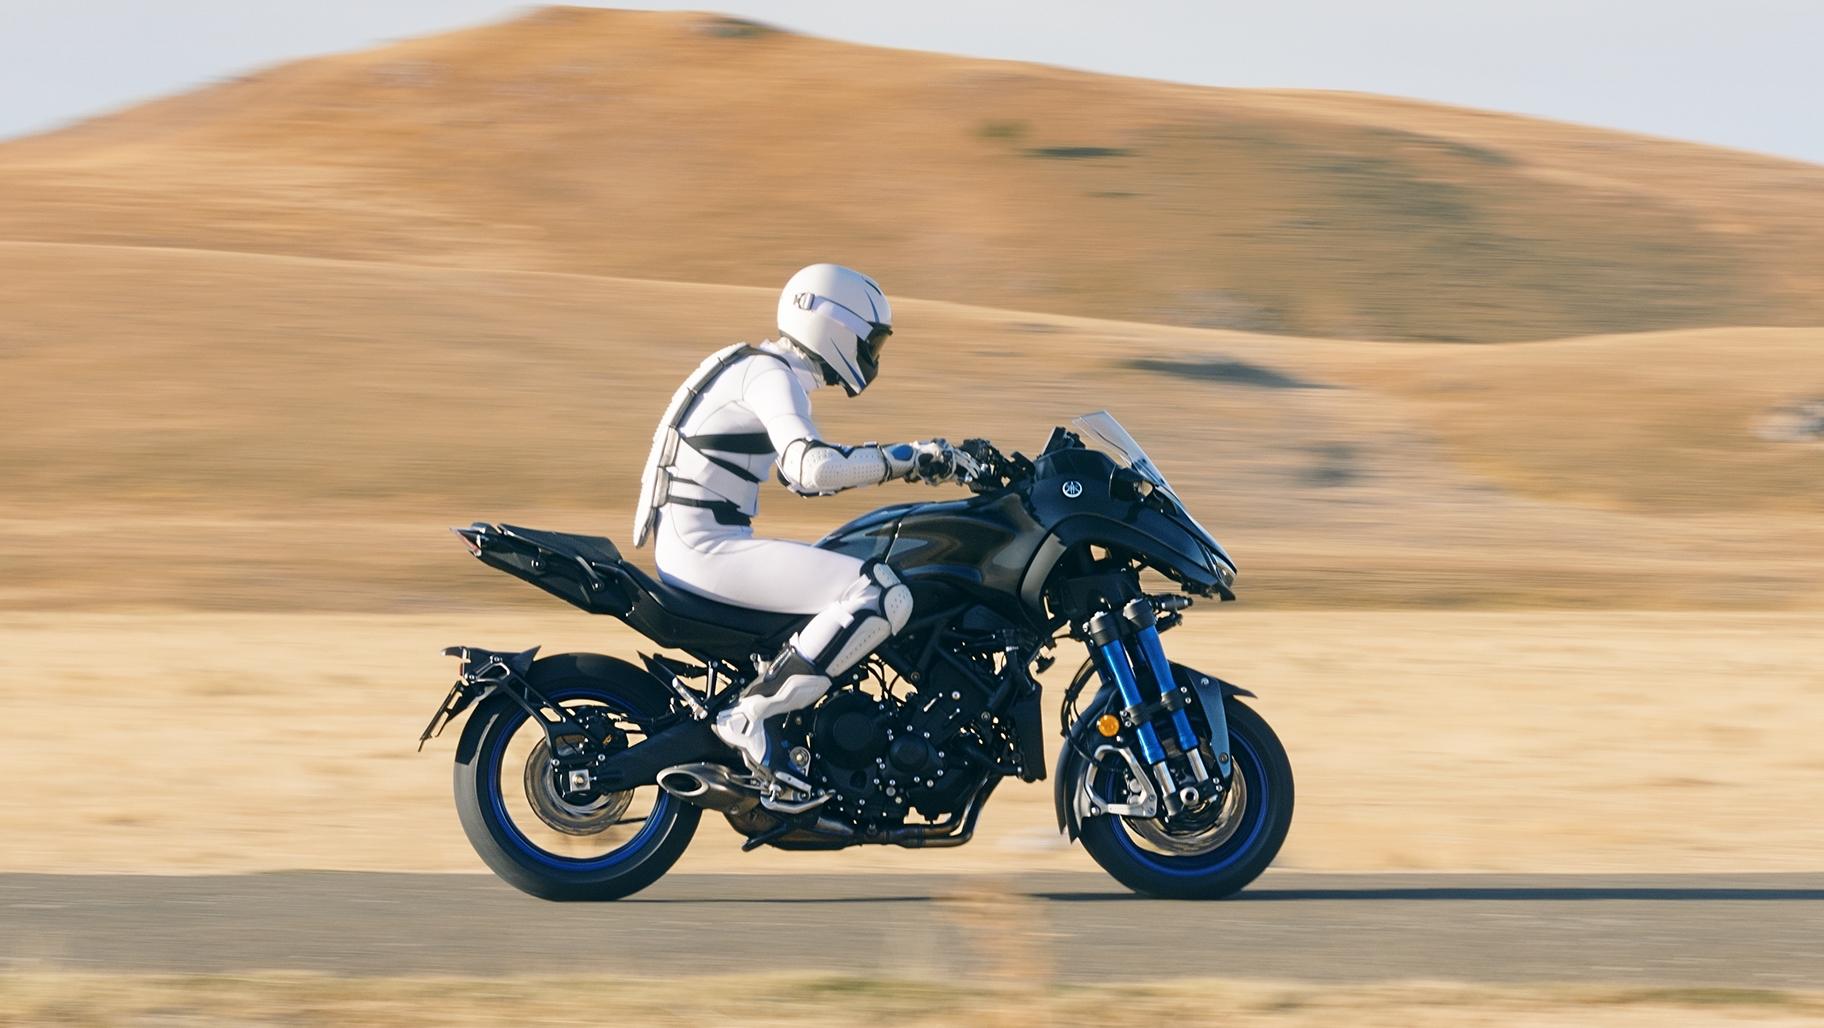 2018 Yamaha Niken Leaning Multi Wheeler Lmw Revealed Three